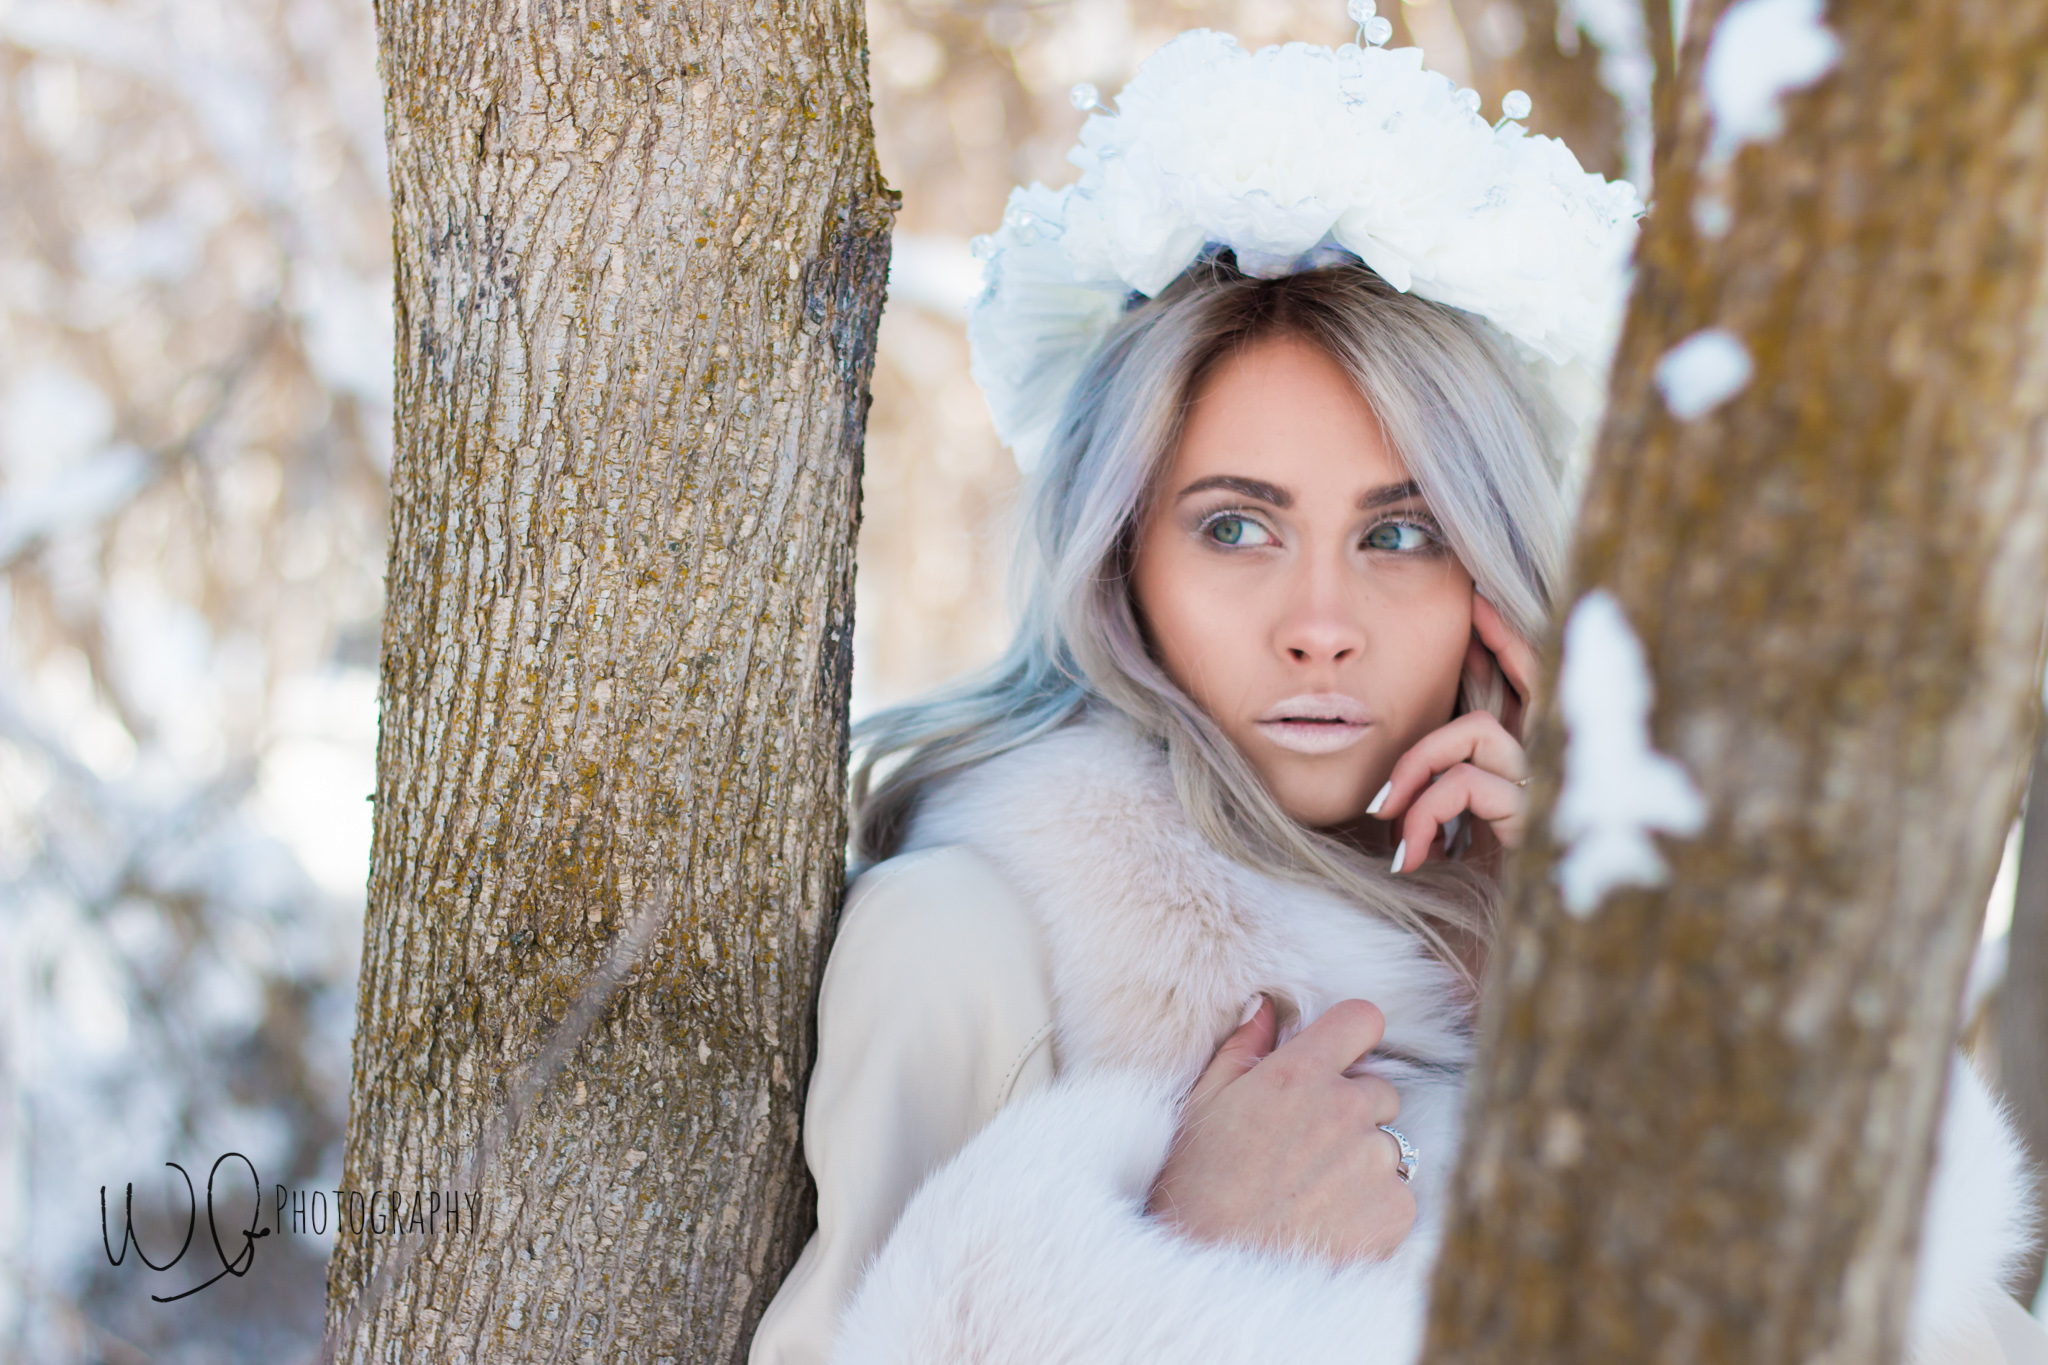 Ice queen photo shoot